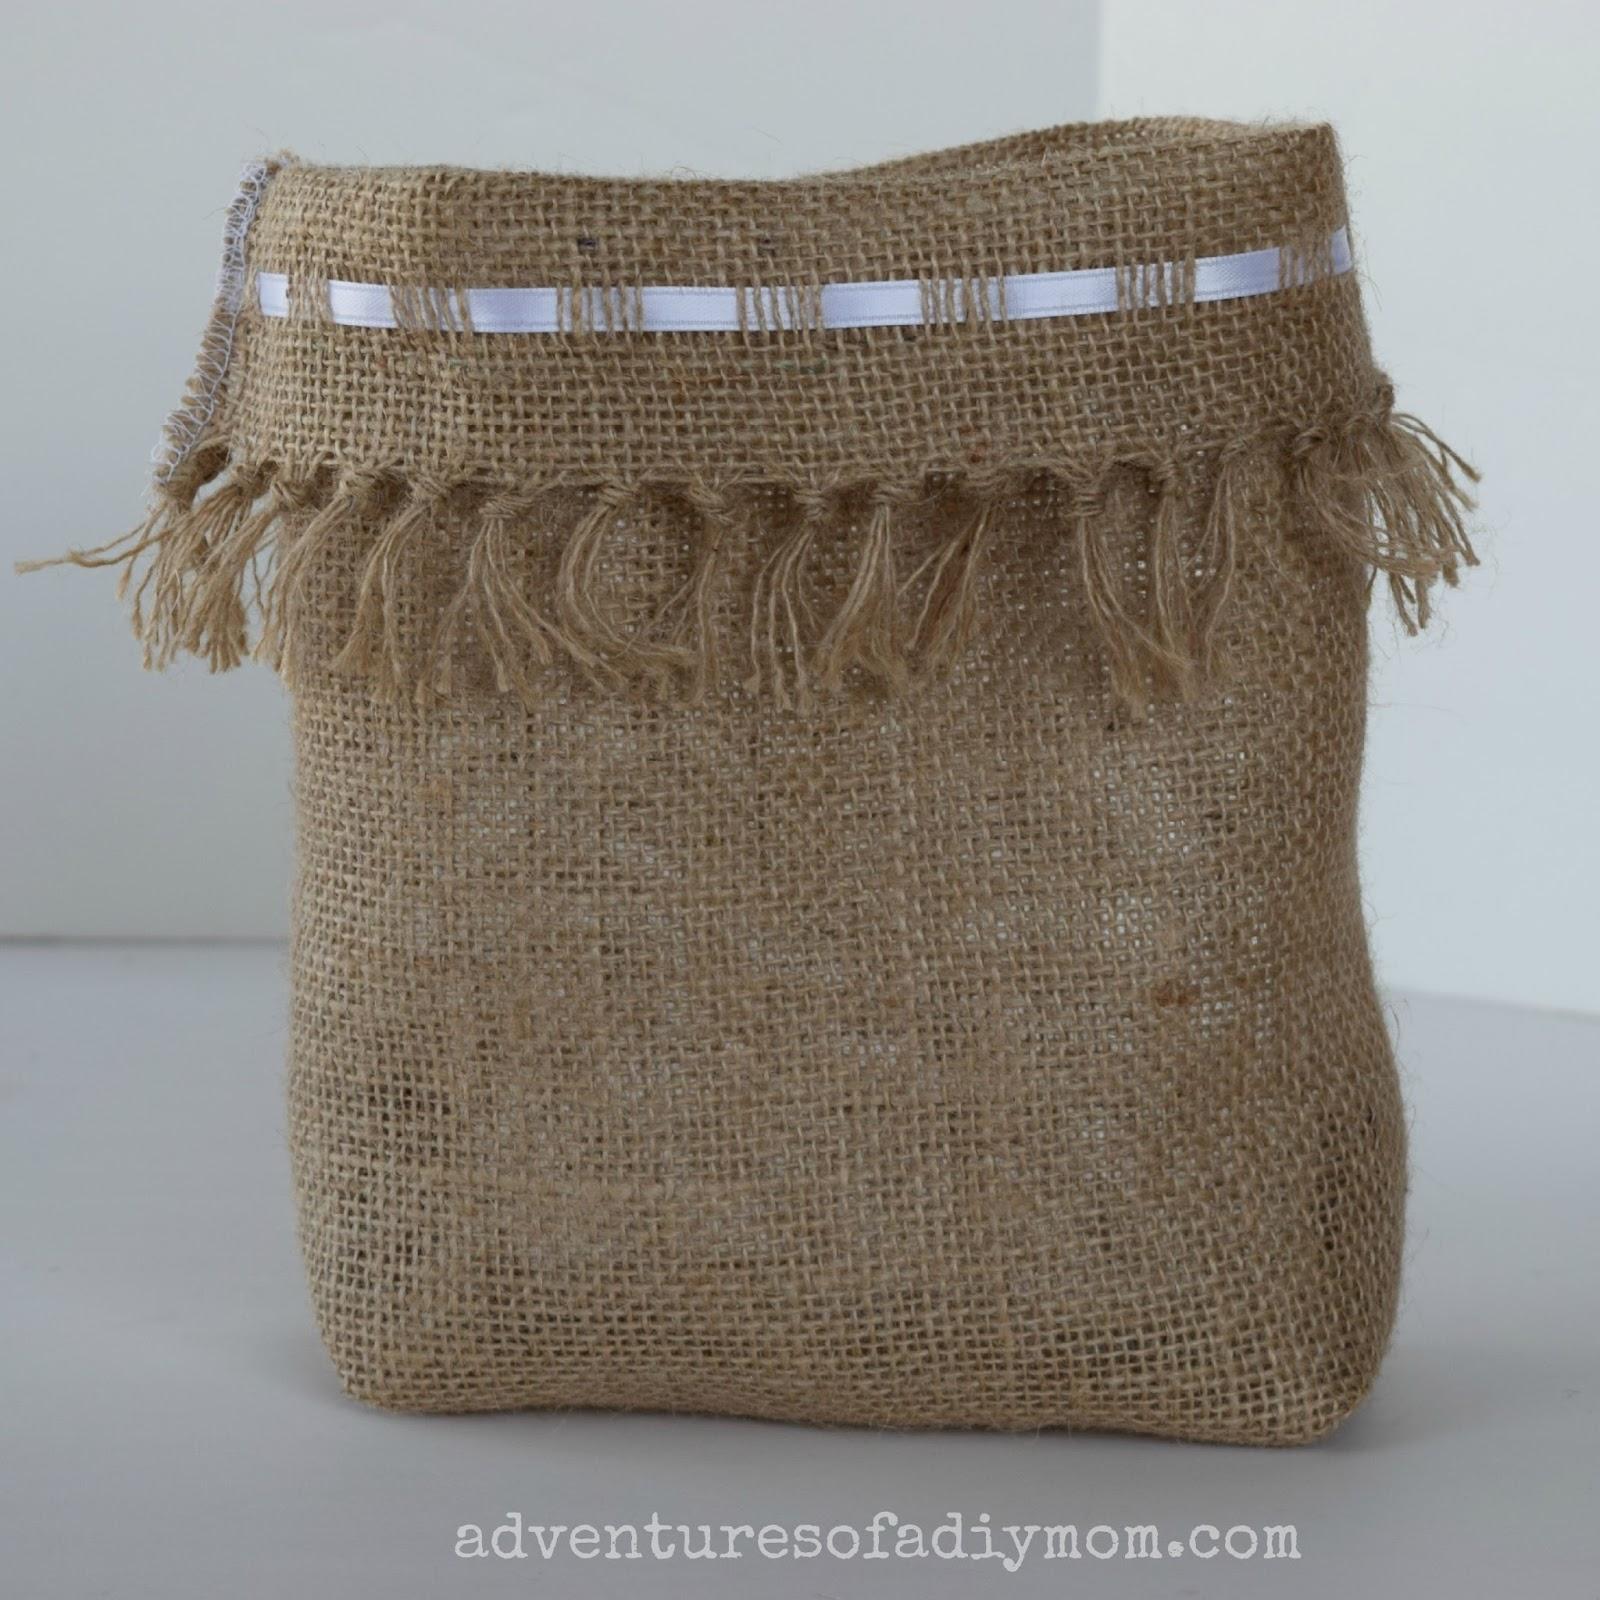 Những chiếc túi vải bố handmade khá đơn giản nhưng cực kì ấn tượng bởi mỗi cái túi là một phong cách khác nhau